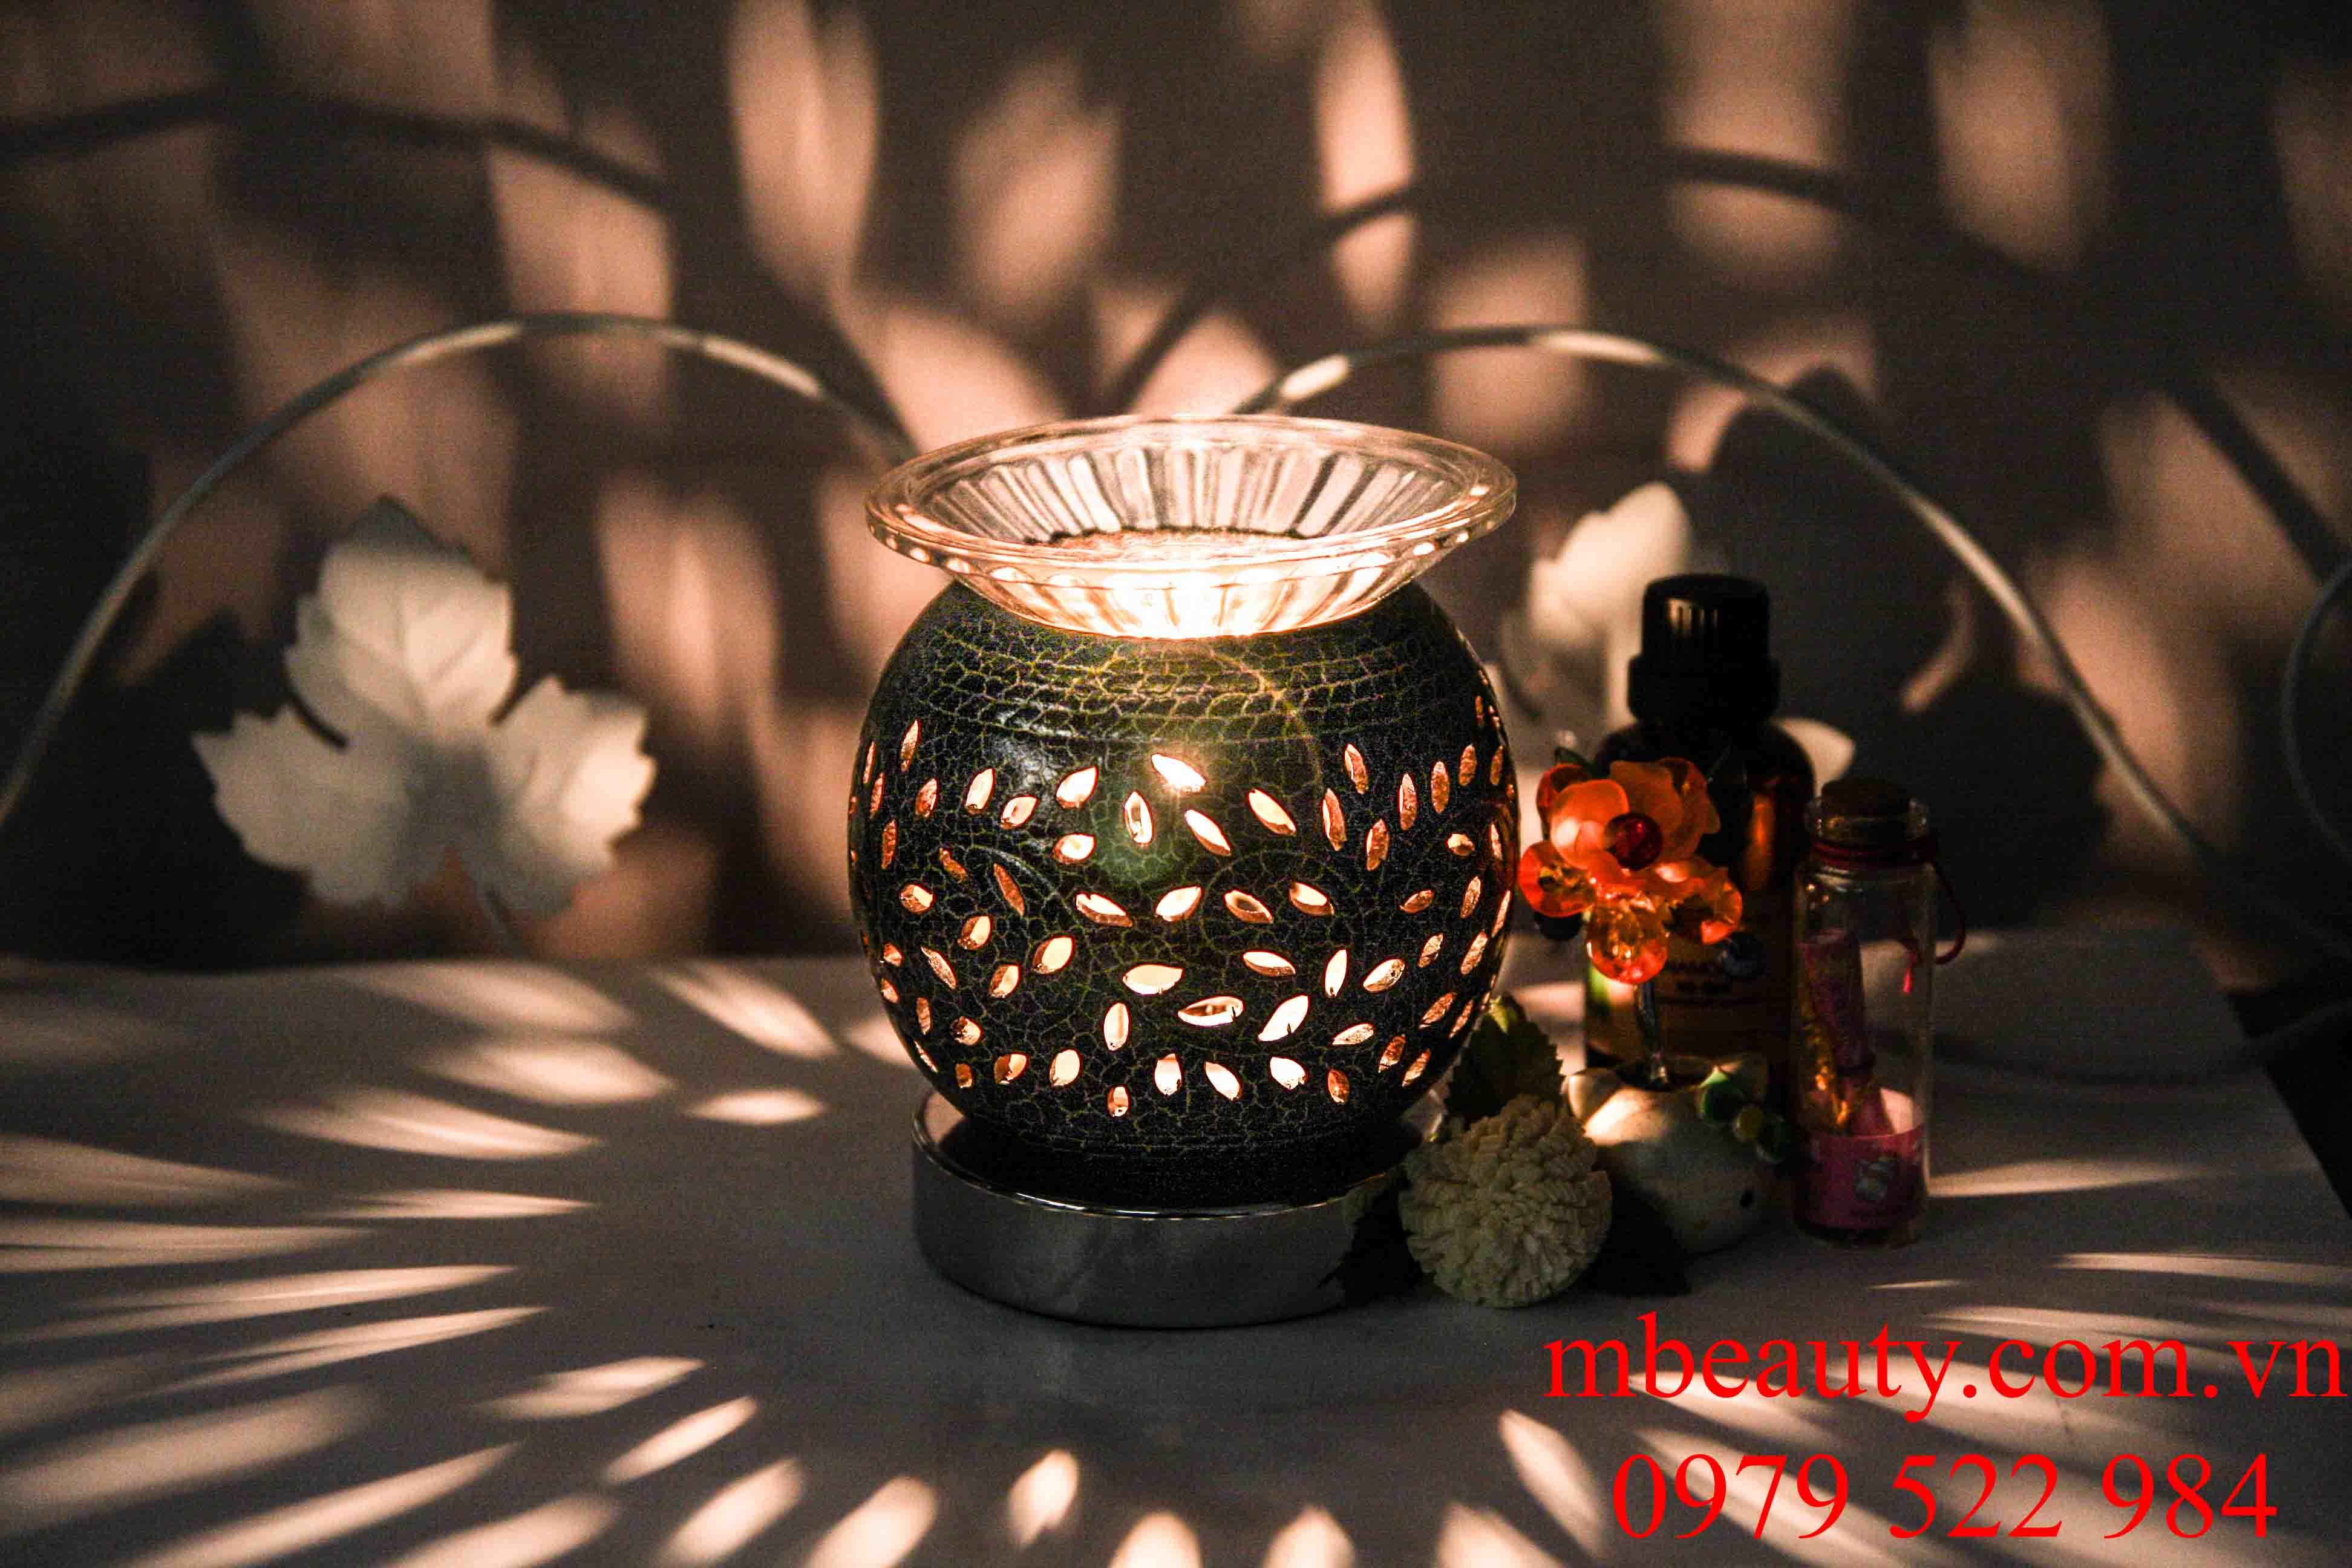 Đèn xông tinh dầu gốm nâu cảm ứng